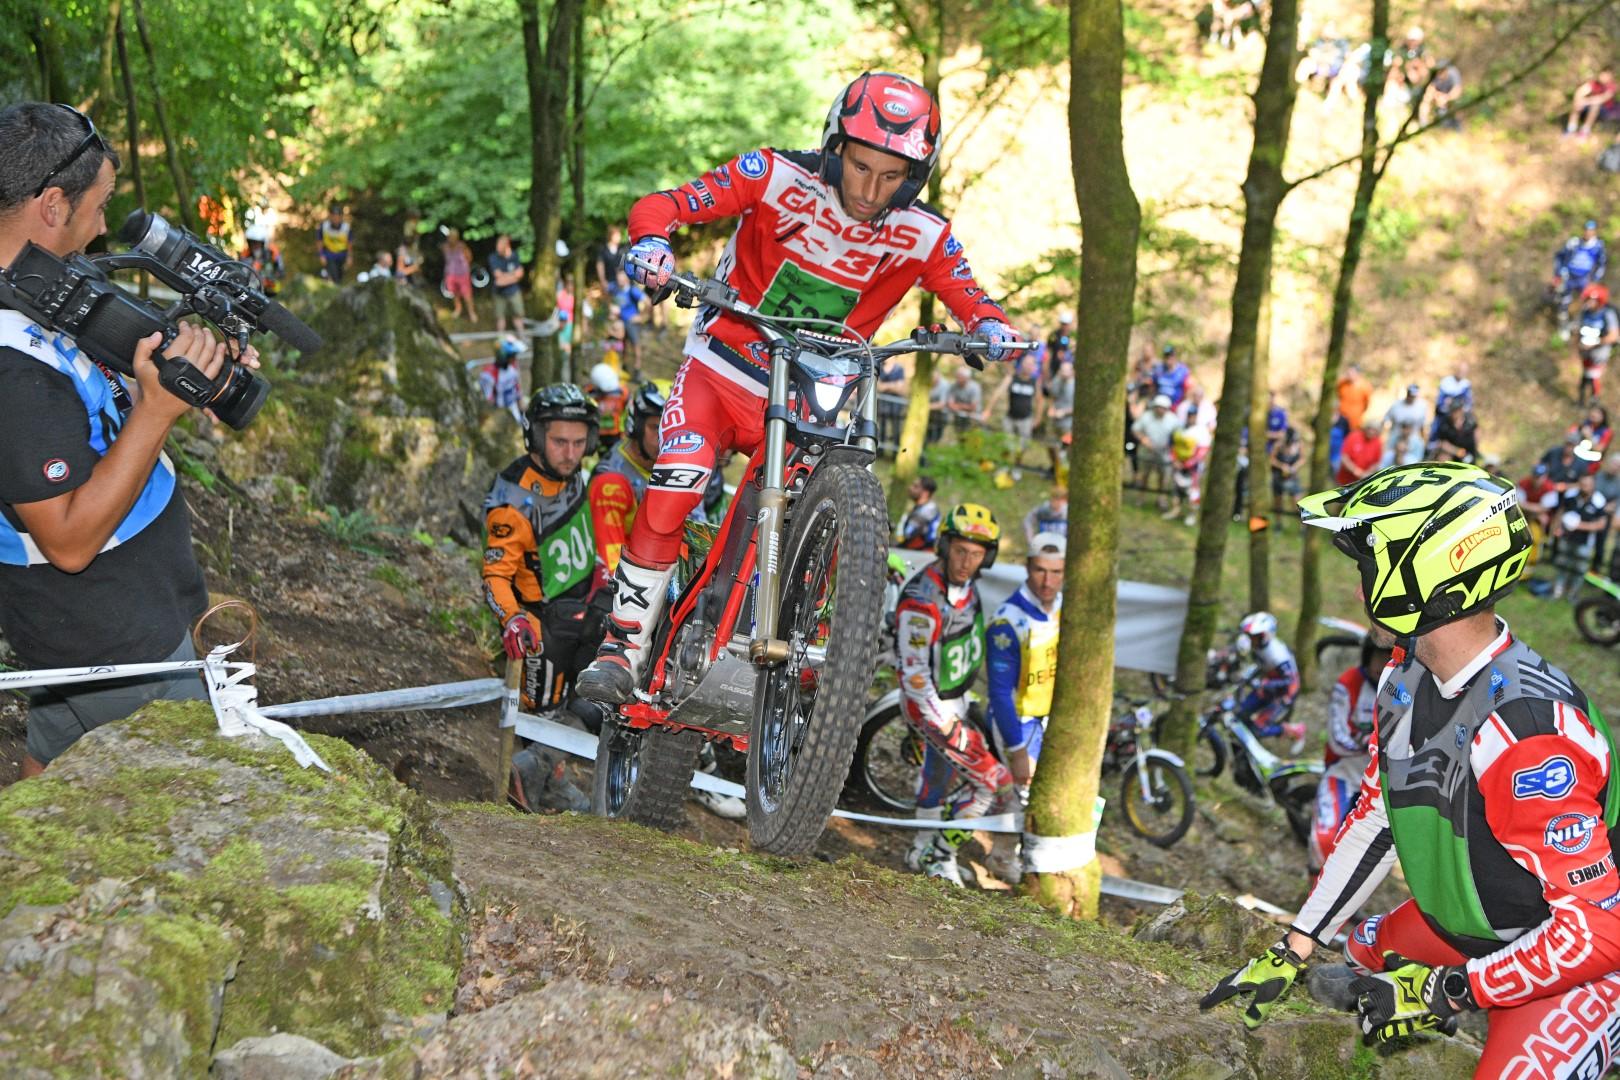 GasGas revalida el Campeonato de Trial-E por tercer año consecutivo